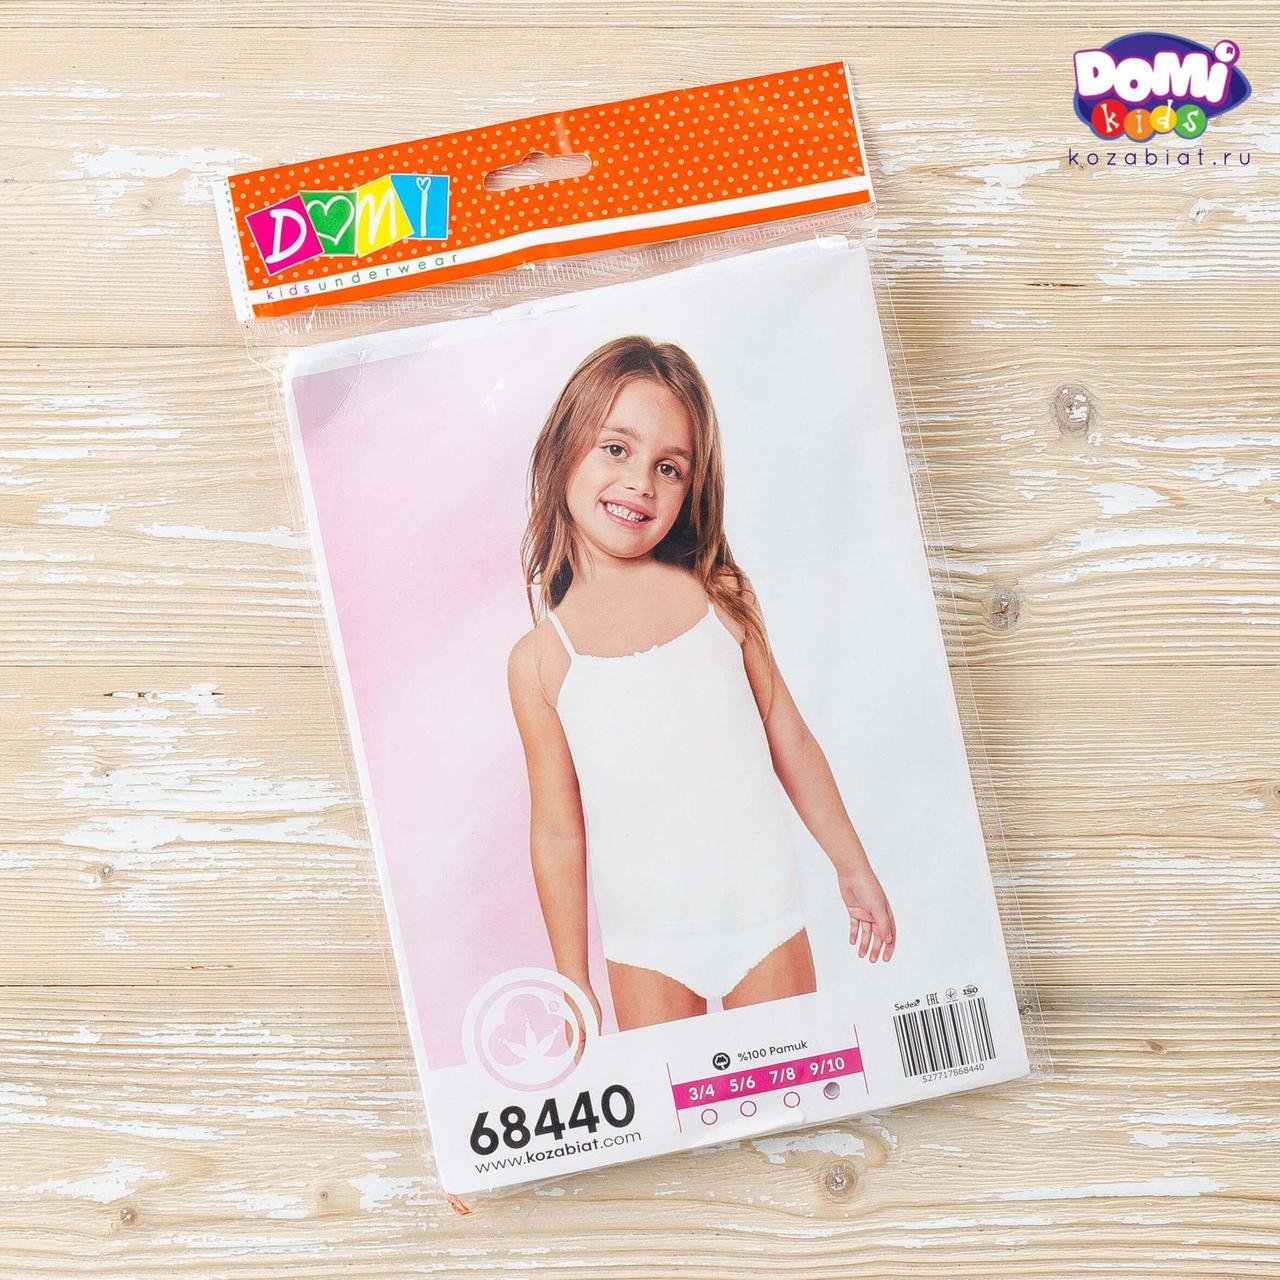 Комплект детского нижнего белья, трусики + майка для девочек 3-4 года  655816127110